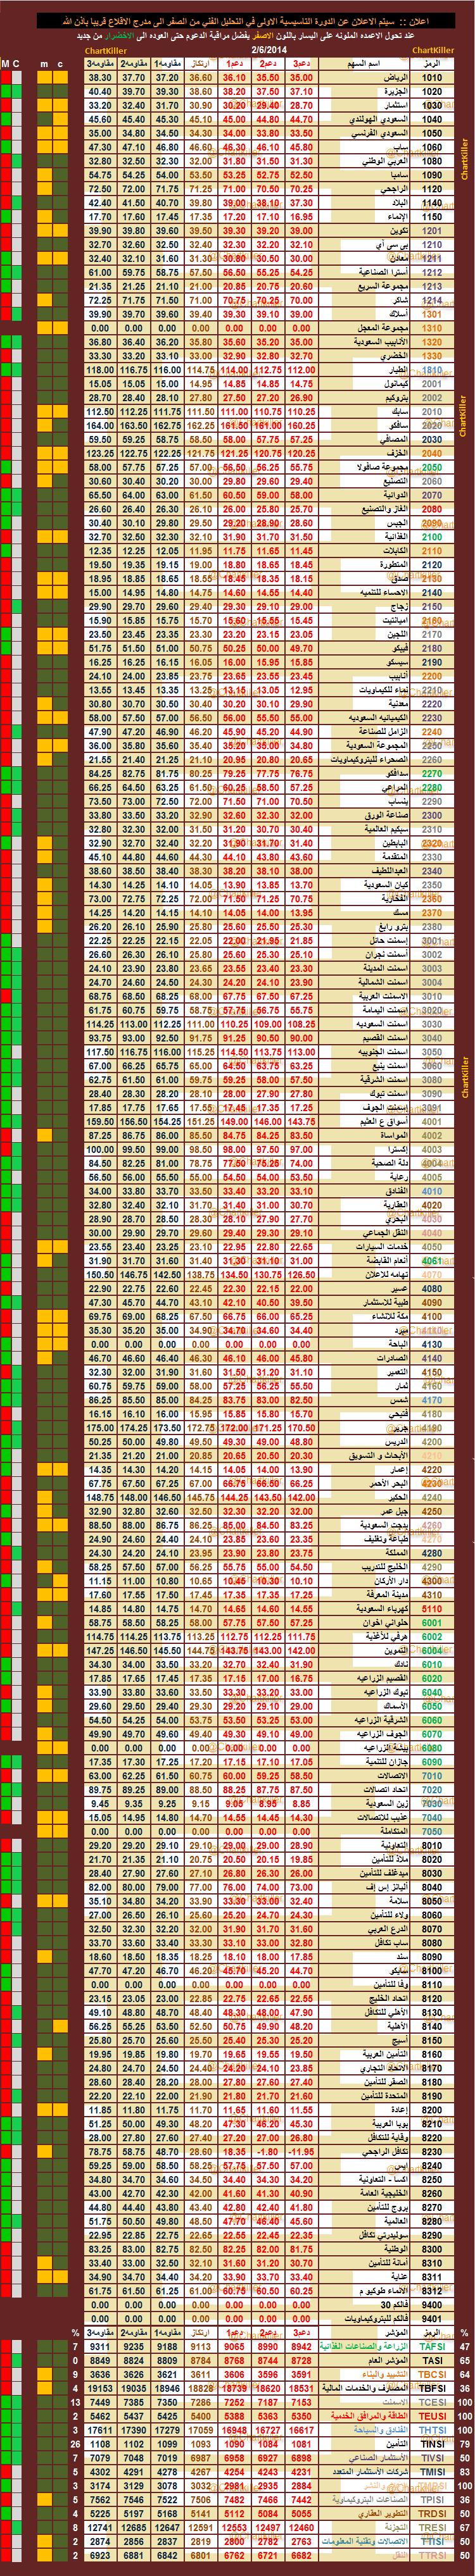 الدعم المقاومه ليوم  الخميس   6-2-2014  ::   السوق  السعودي 464691139